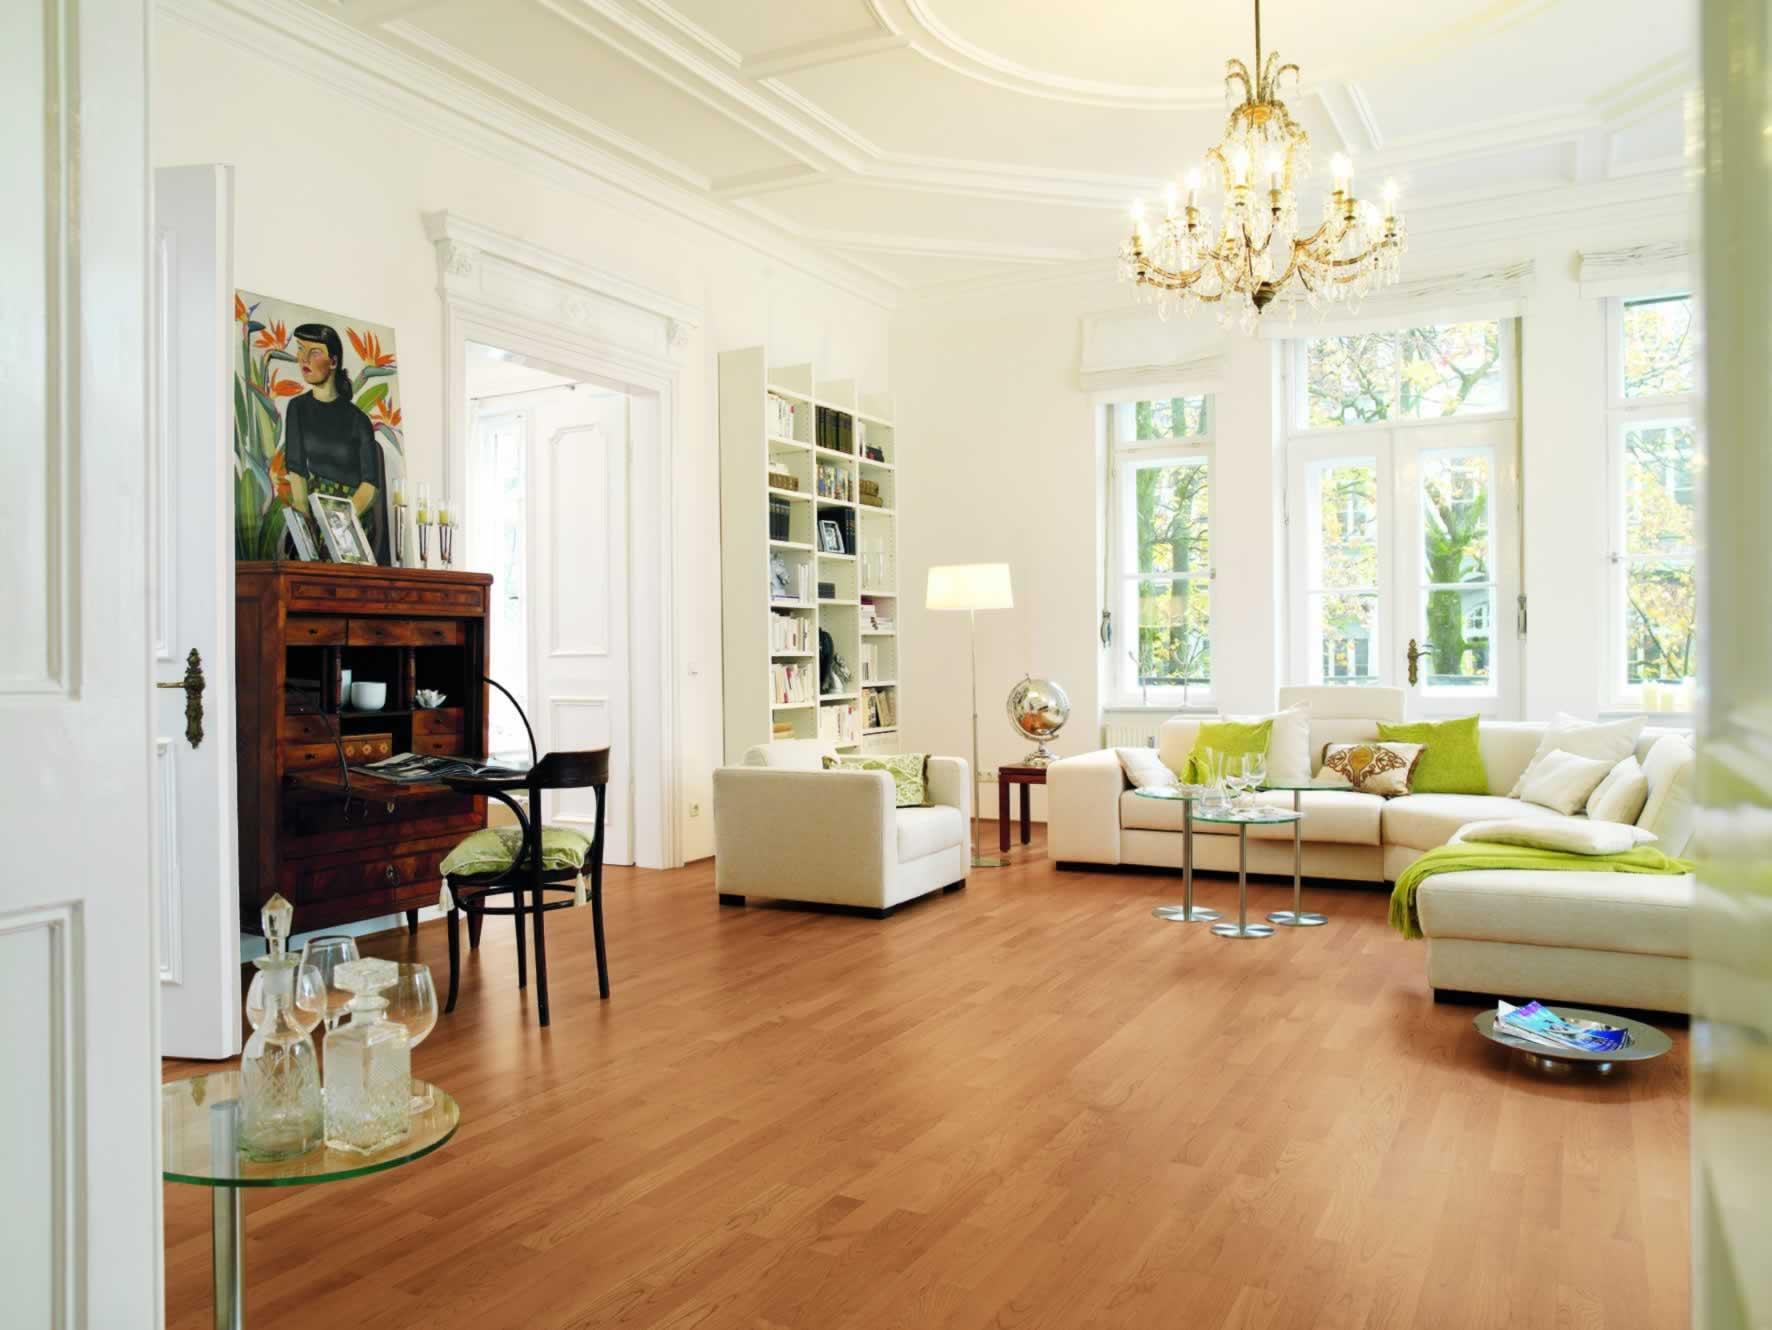 location appartement clermont ferrand je ne m attendais pas cela. Black Bedroom Furniture Sets. Home Design Ideas